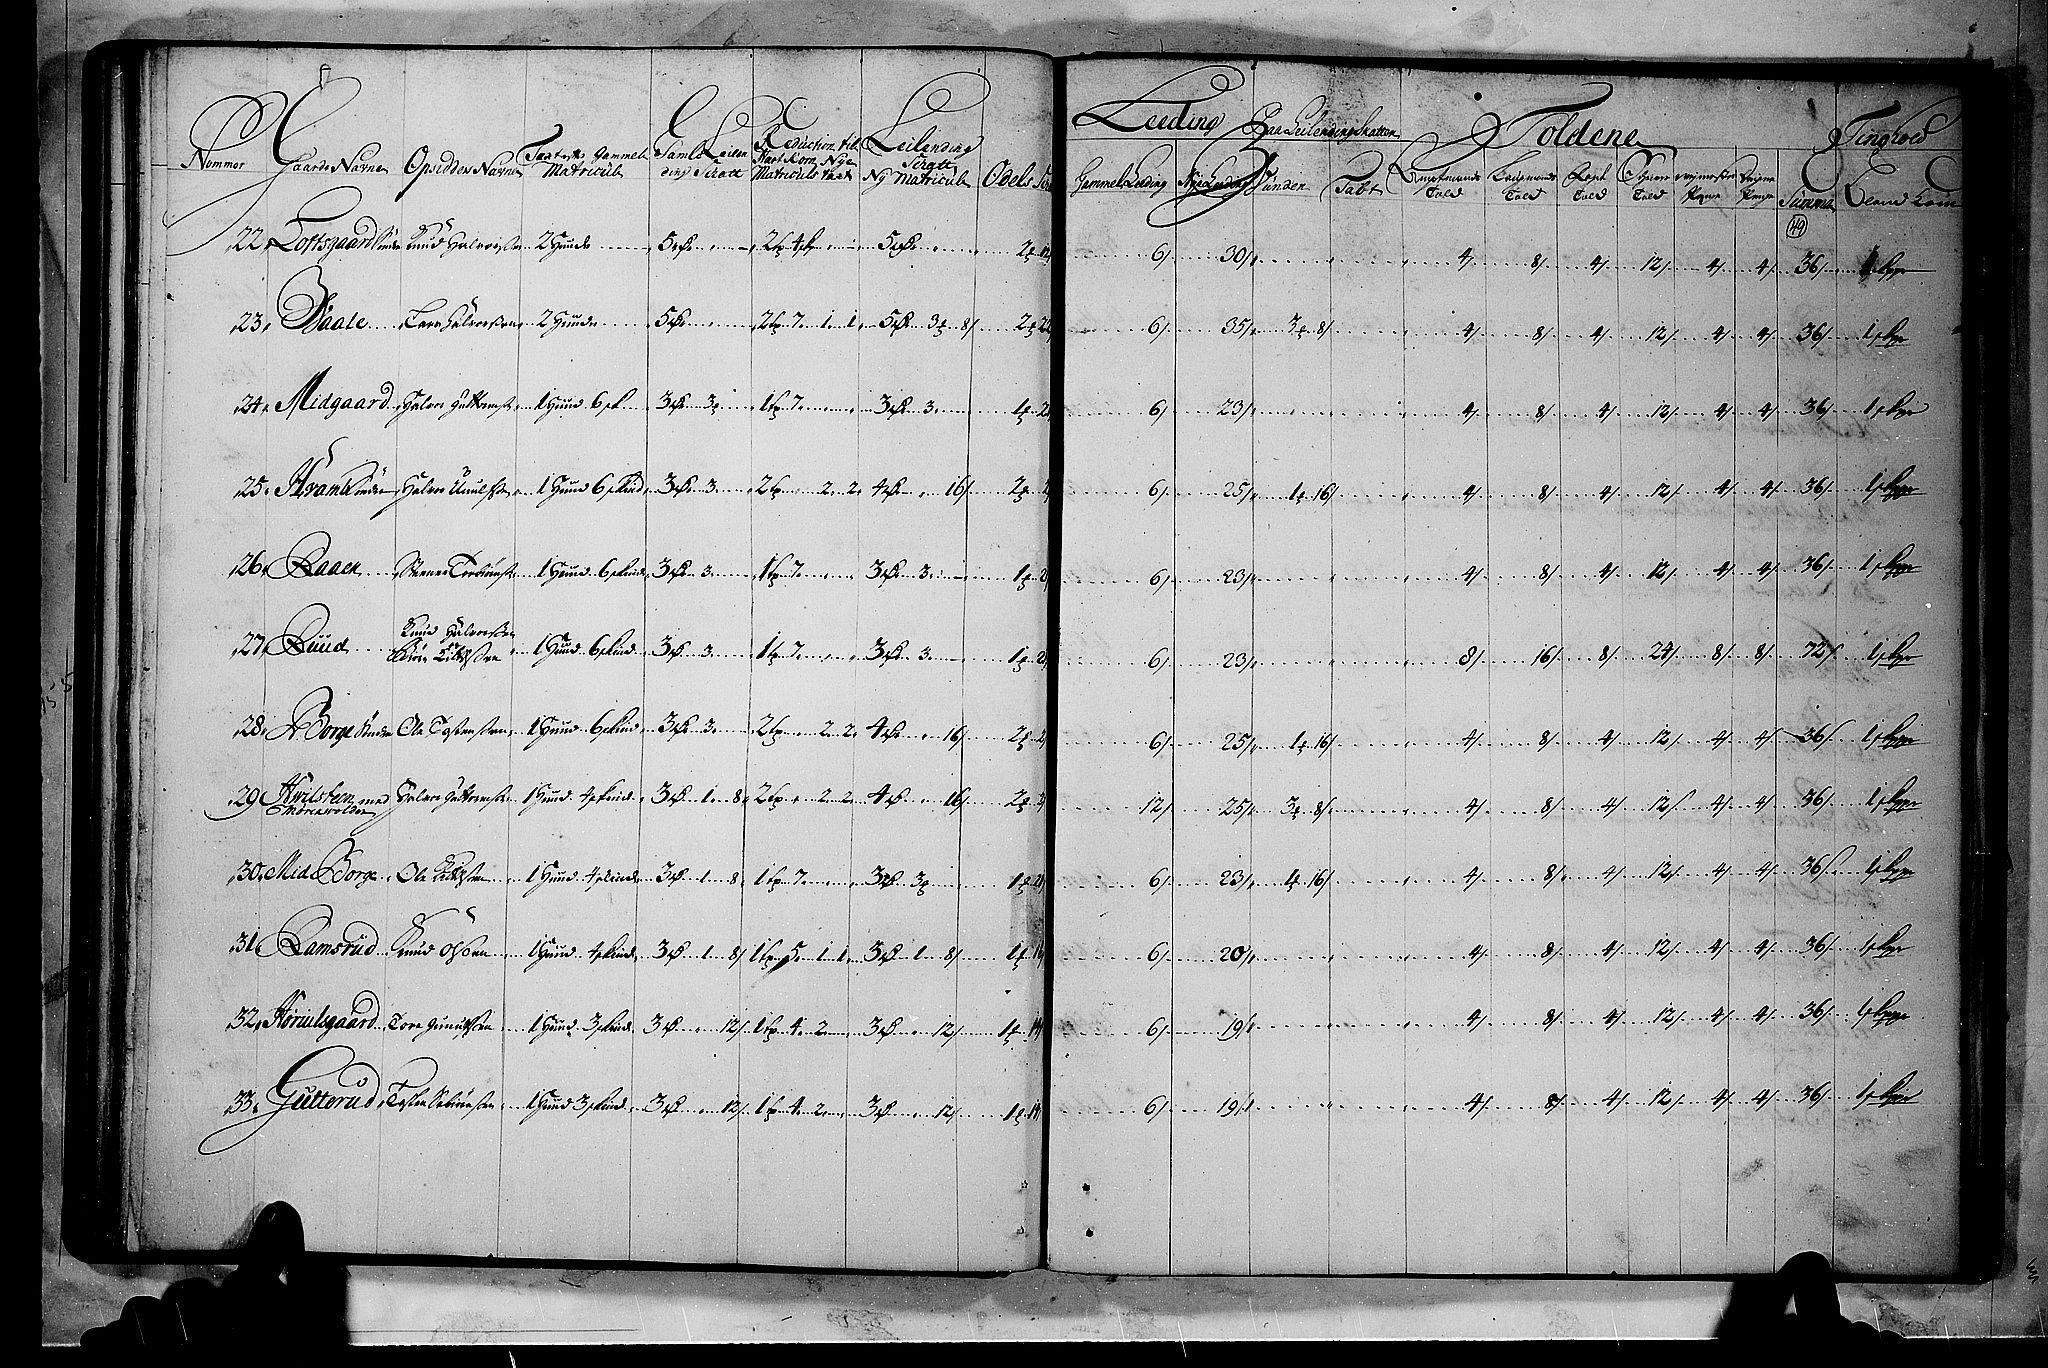 RA, Rentekammeret inntil 1814, Realistisk ordnet avdeling, N/Nb/Nbf/L0114: Numedal og Sandsvær matrikkelprotokoll, 1723, s. 50